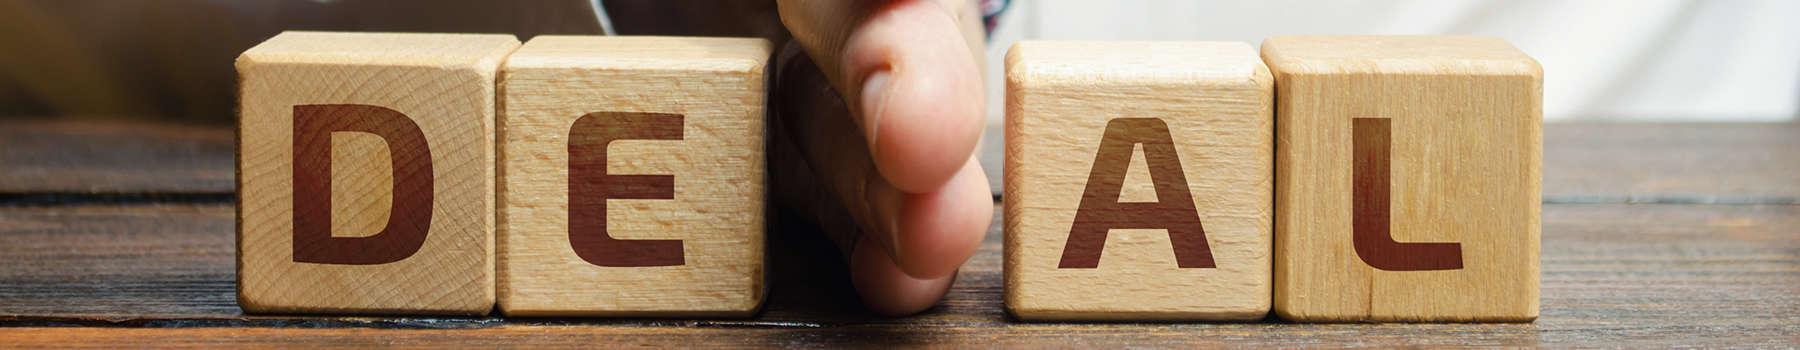 מדוע מגשר עסקי צריך להיות חלק נפרד מהעסק שלכם בשעת משבר?